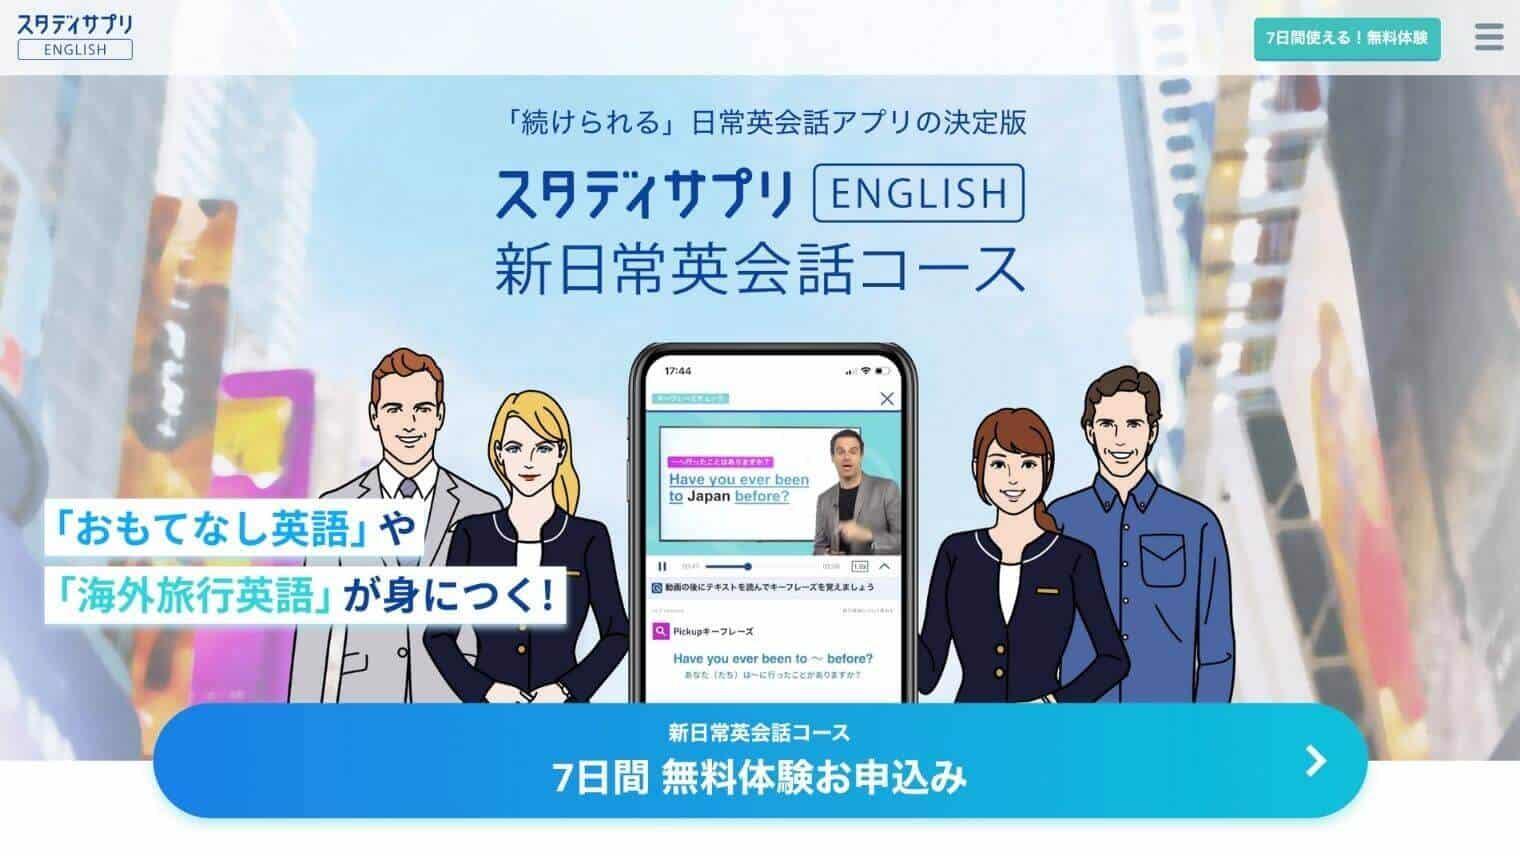 【第6位】スタディサプリ 新日常英会話コース